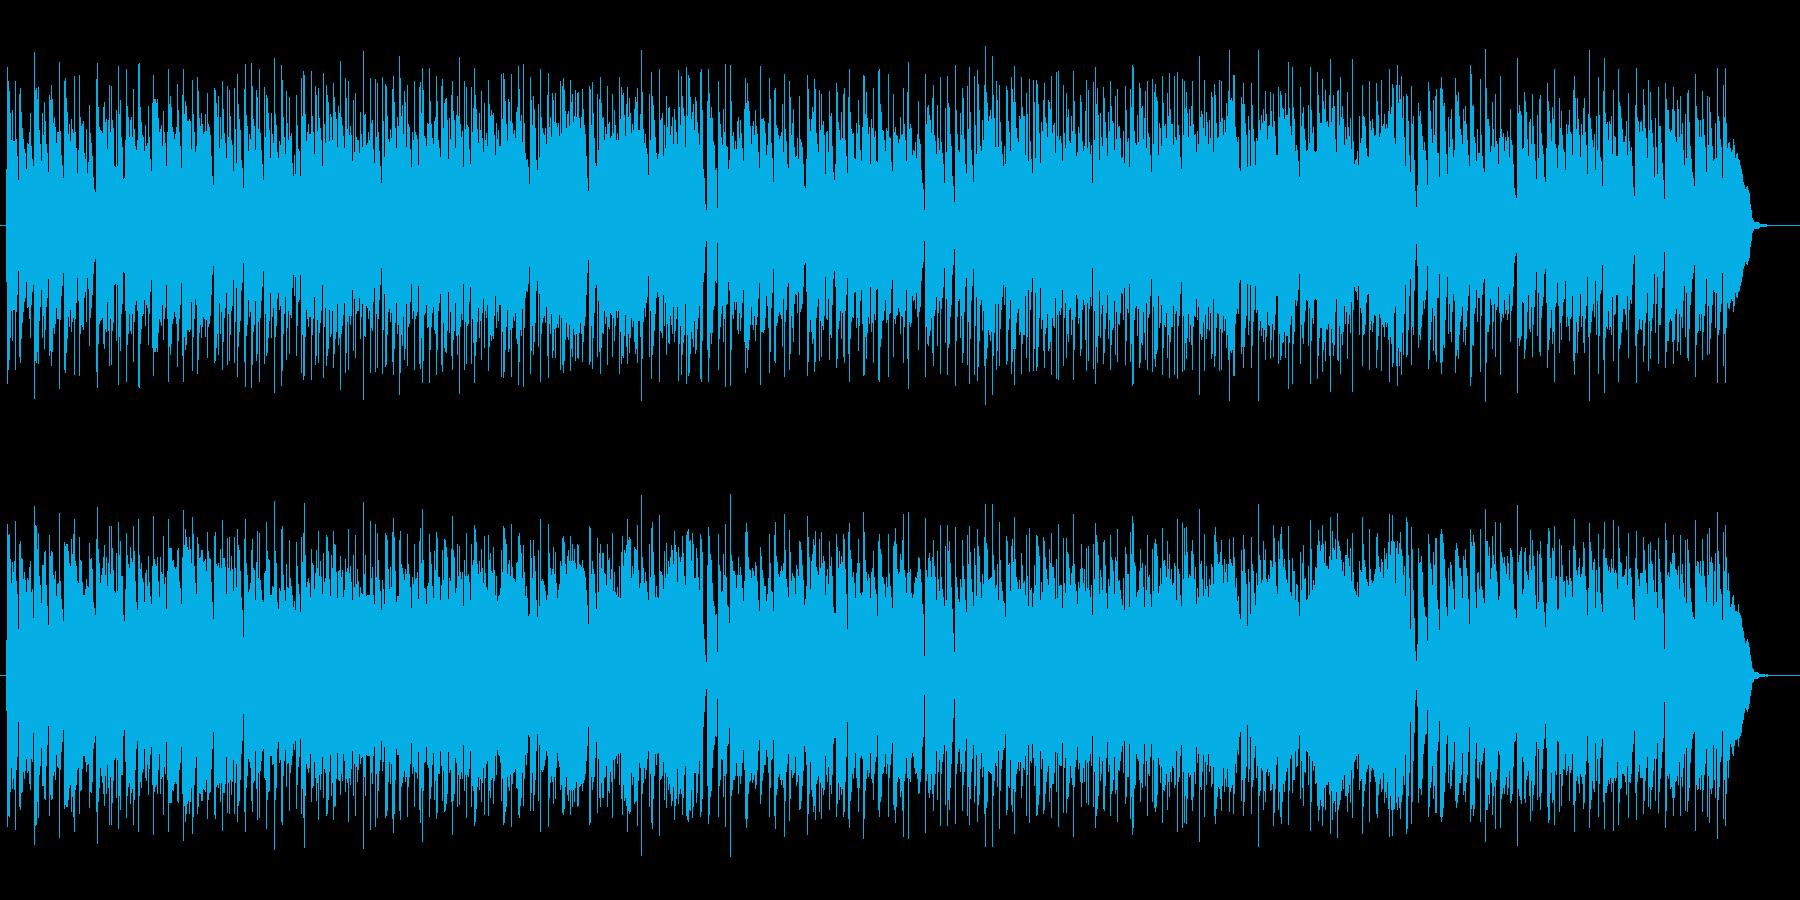 温かみのある優しいミュージックの再生済みの波形